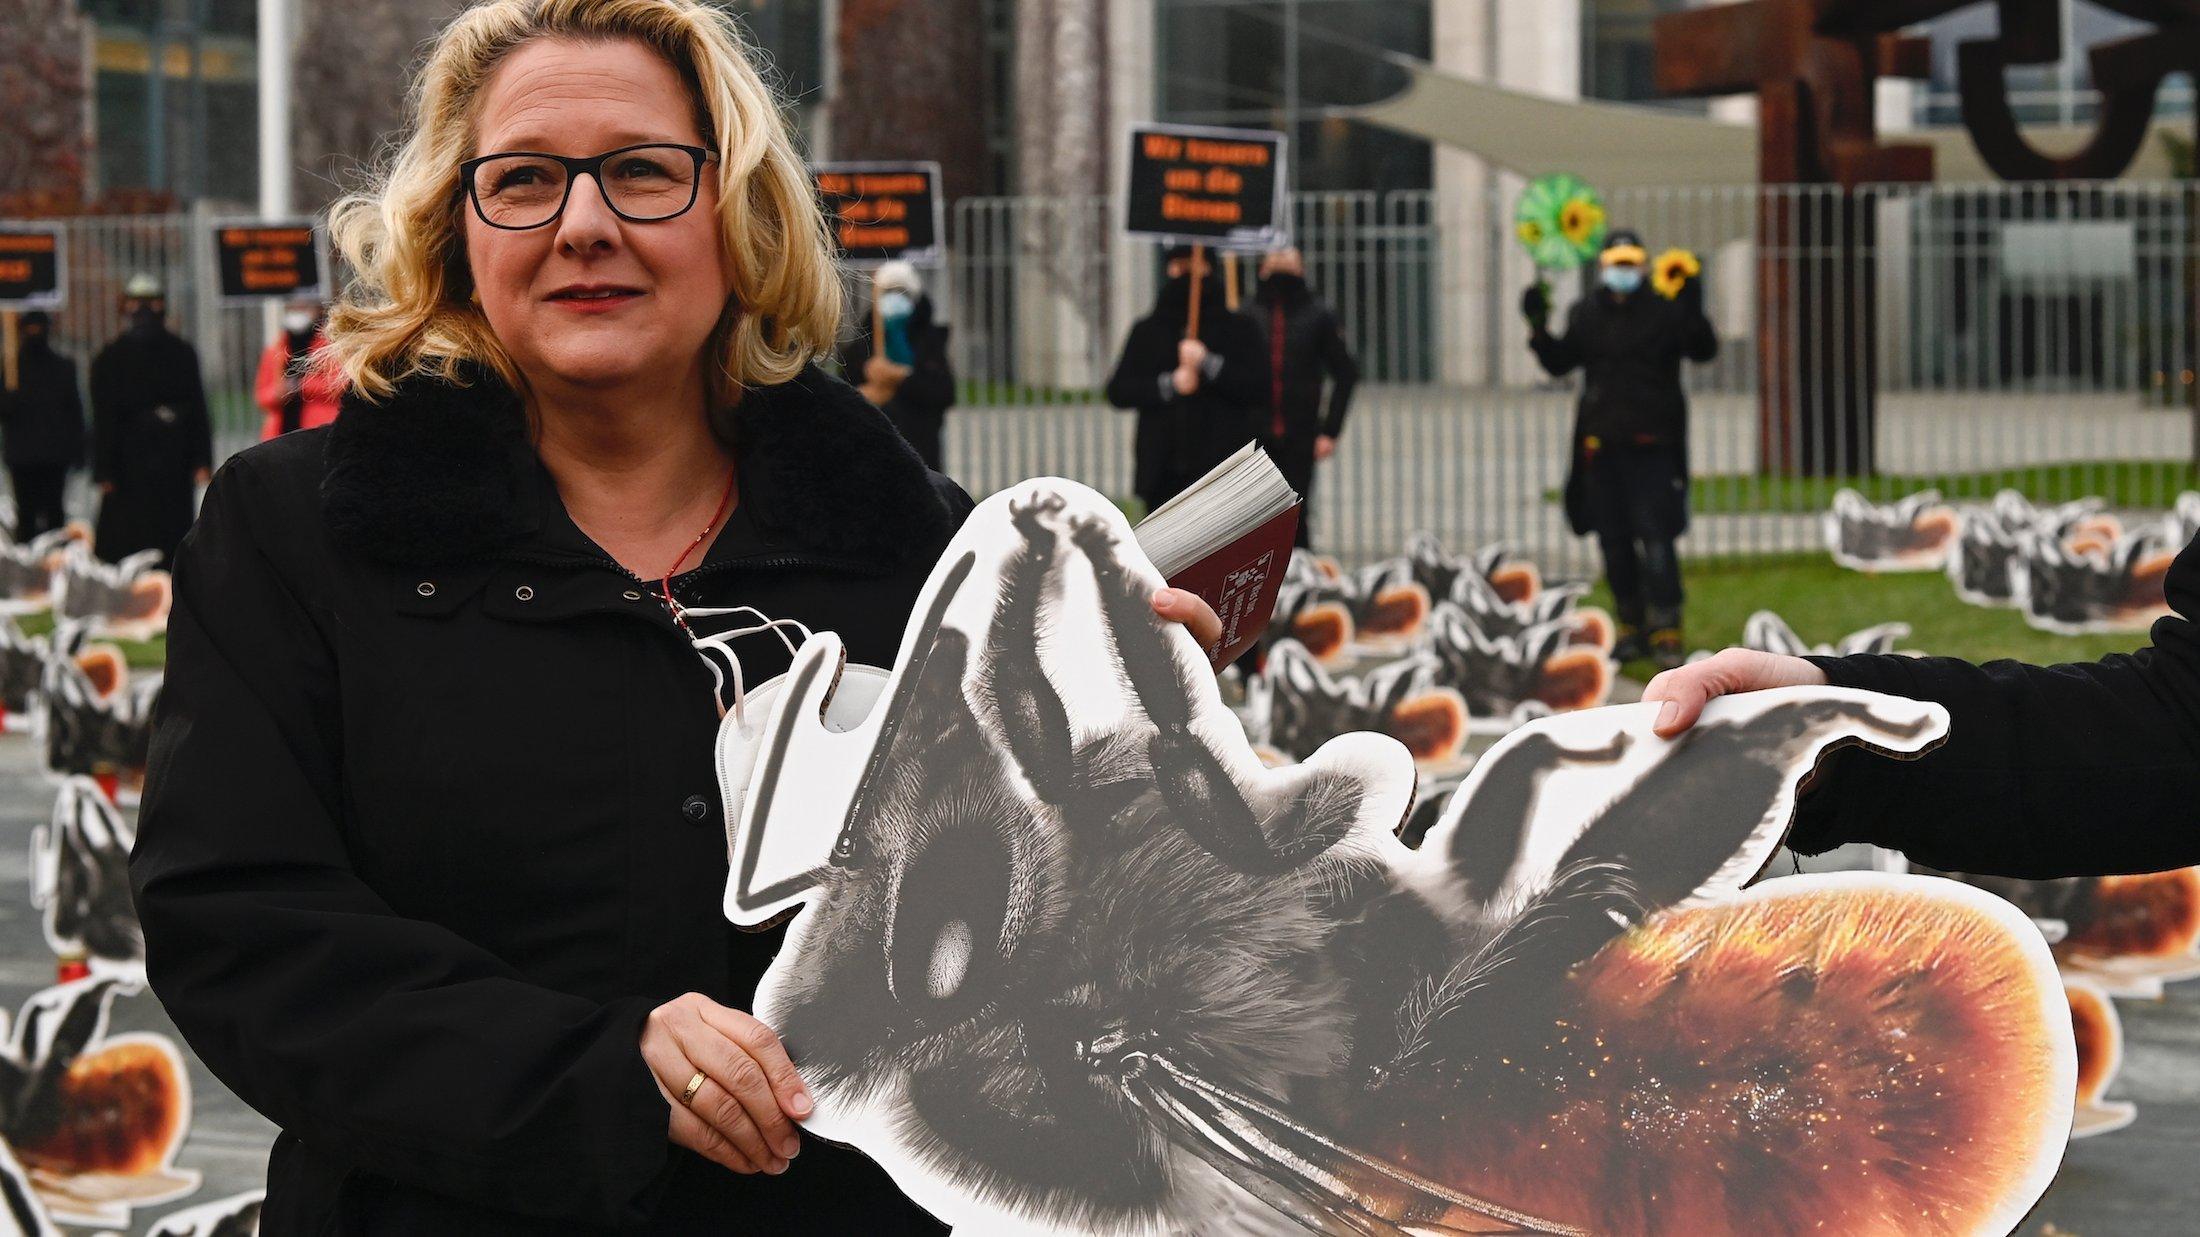 Umweltministerin Schulze steht vor dem Bundeskanzleramt in Berlin. Sie hält das Bild einer Biene hoch. Im Hintergrund sind Demonstrantïnnen zu sehen, die für mehr Insektenschutz eintreten.